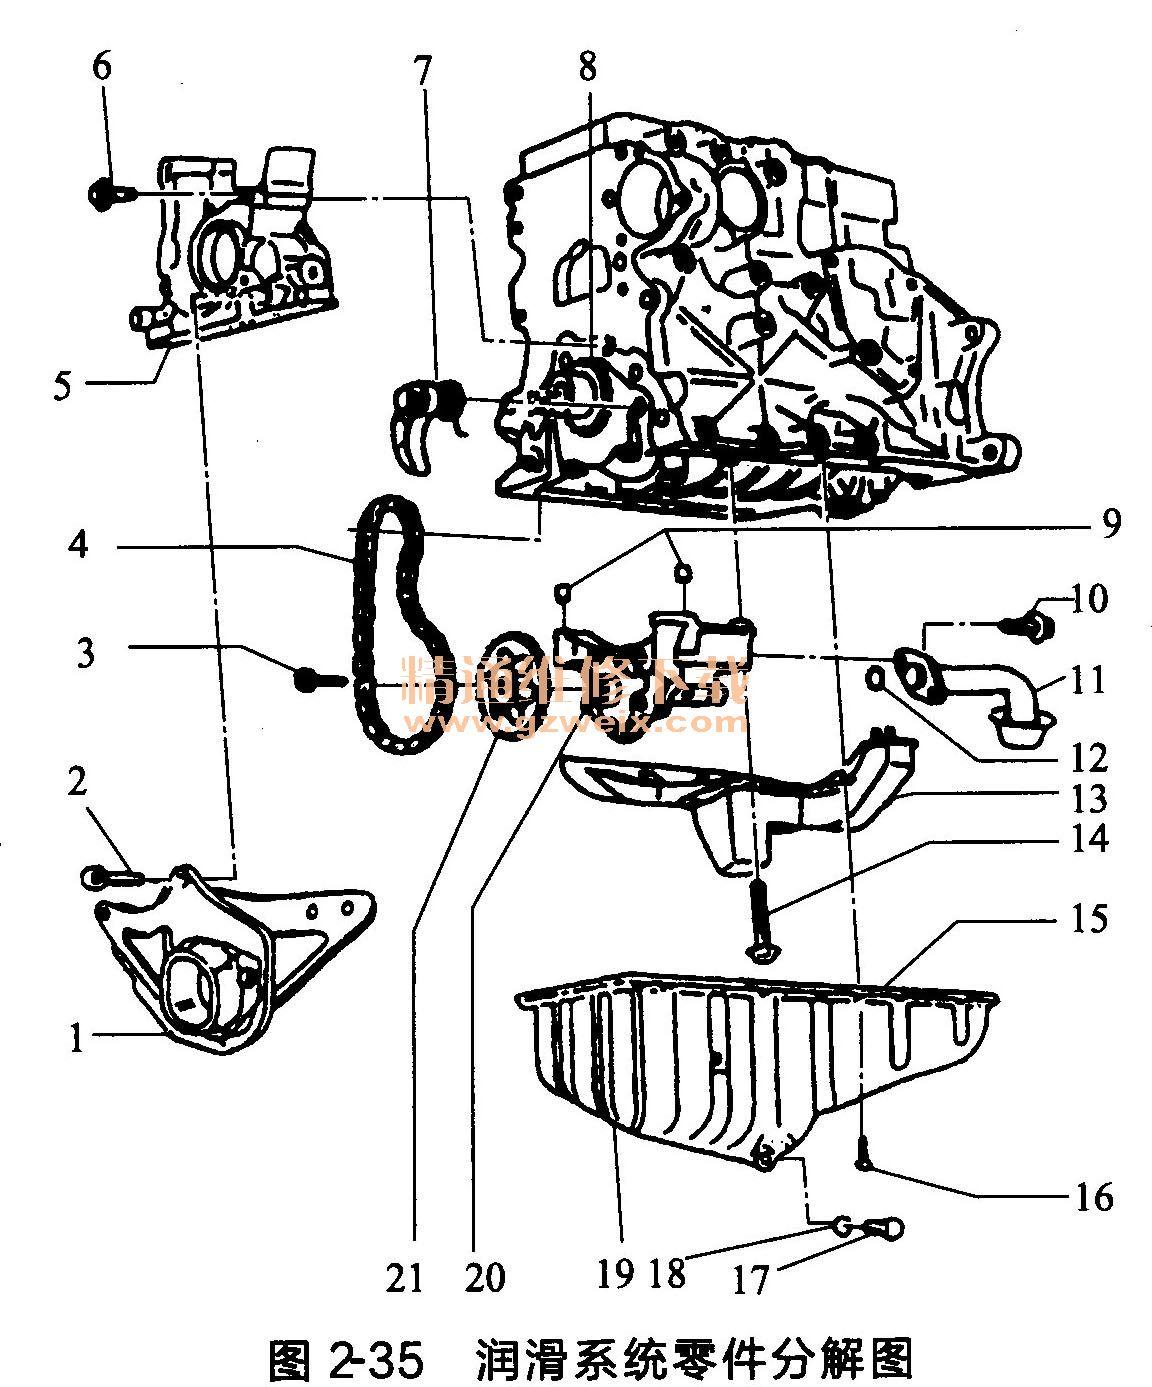 润滑系统零件分解图